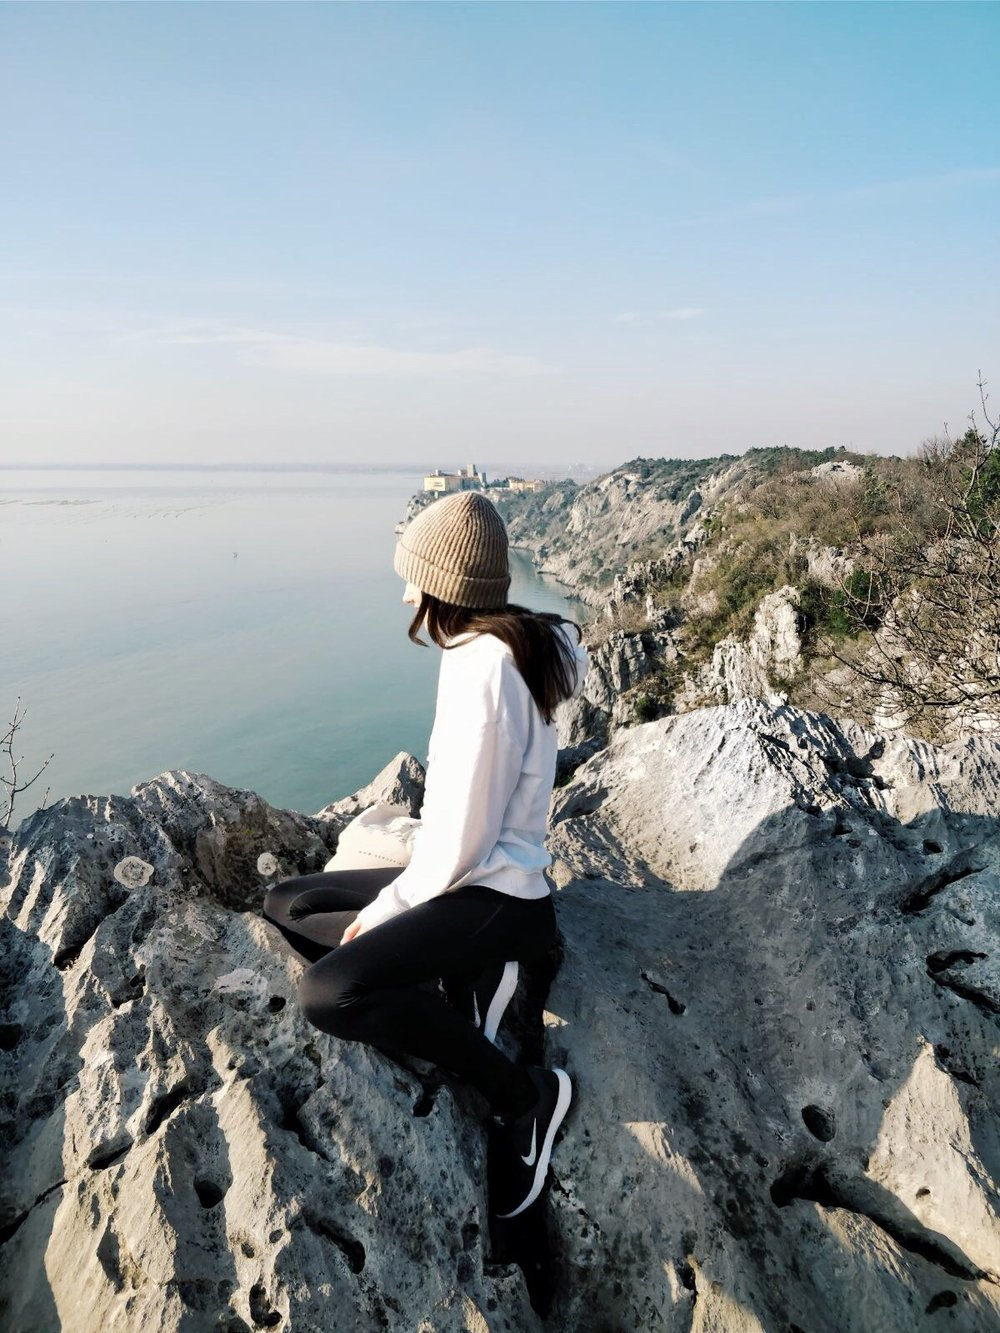 atem-beraubende aussichten - Ich wollte das Meer so gut es geht auskosten, wenn es schon zu kalt war um darin zu baden. Mir ist bewusst, dass ich in Österreich sehr gesegnet mit Natur bin, doch das Meer ruft etwas in mir hervor, was mir mein Heimatland nicht geben kann.